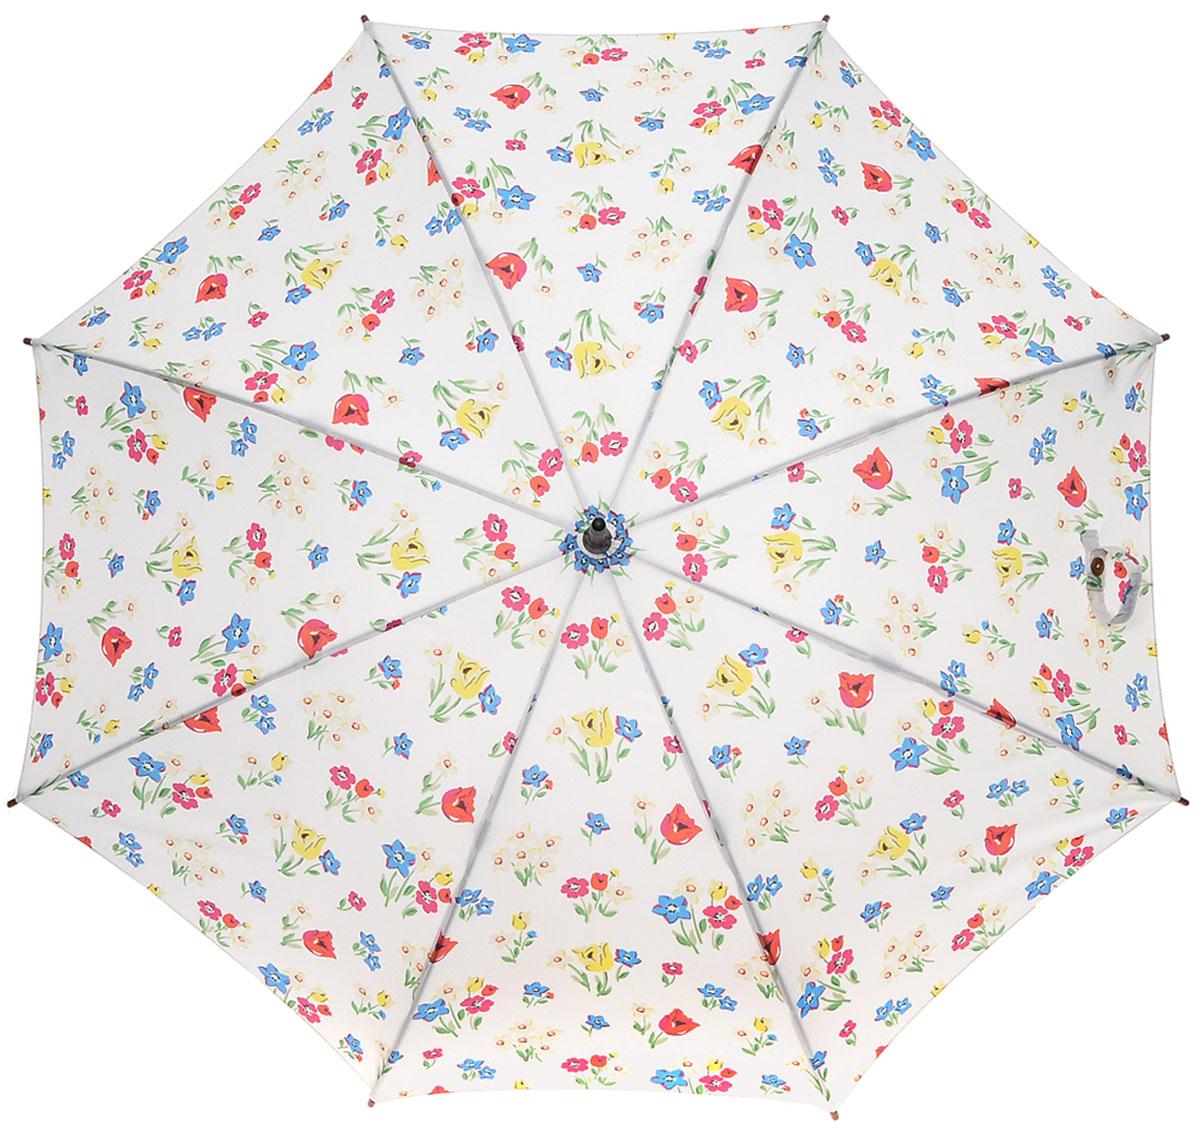 Зонт-трость женский Cath Kidston Kensington, механический, цвет: дымчатый белый. L541-2953REM12-GREYЯркий механический зонт-трость Cath Kidston Kensington даже в ненастную погоду позволит вам оставаться стильной и элегантной. Каркас зонта включает 8 спиц из фибергласса с деревянным наконечниками. Стержень изготовлен из дерева. Купол зонта выполнен из износостойкого полиэстера и оформлен цветочным принтом. Изделие дополнено удобной рукояткой из гладкого дерева.Зонт механического сложения: купол открывается и закрывается вручную до характерного щелчка. Модель дополнительно застегивается с помощью двух хлястиков: на кнопку и липучку с декоративной пуговицей.Такой зонт не только надежно защитит вас от дождя, но и станет стильным аксессуаром, который идеально подчеркнет ваш неповторимый образ.